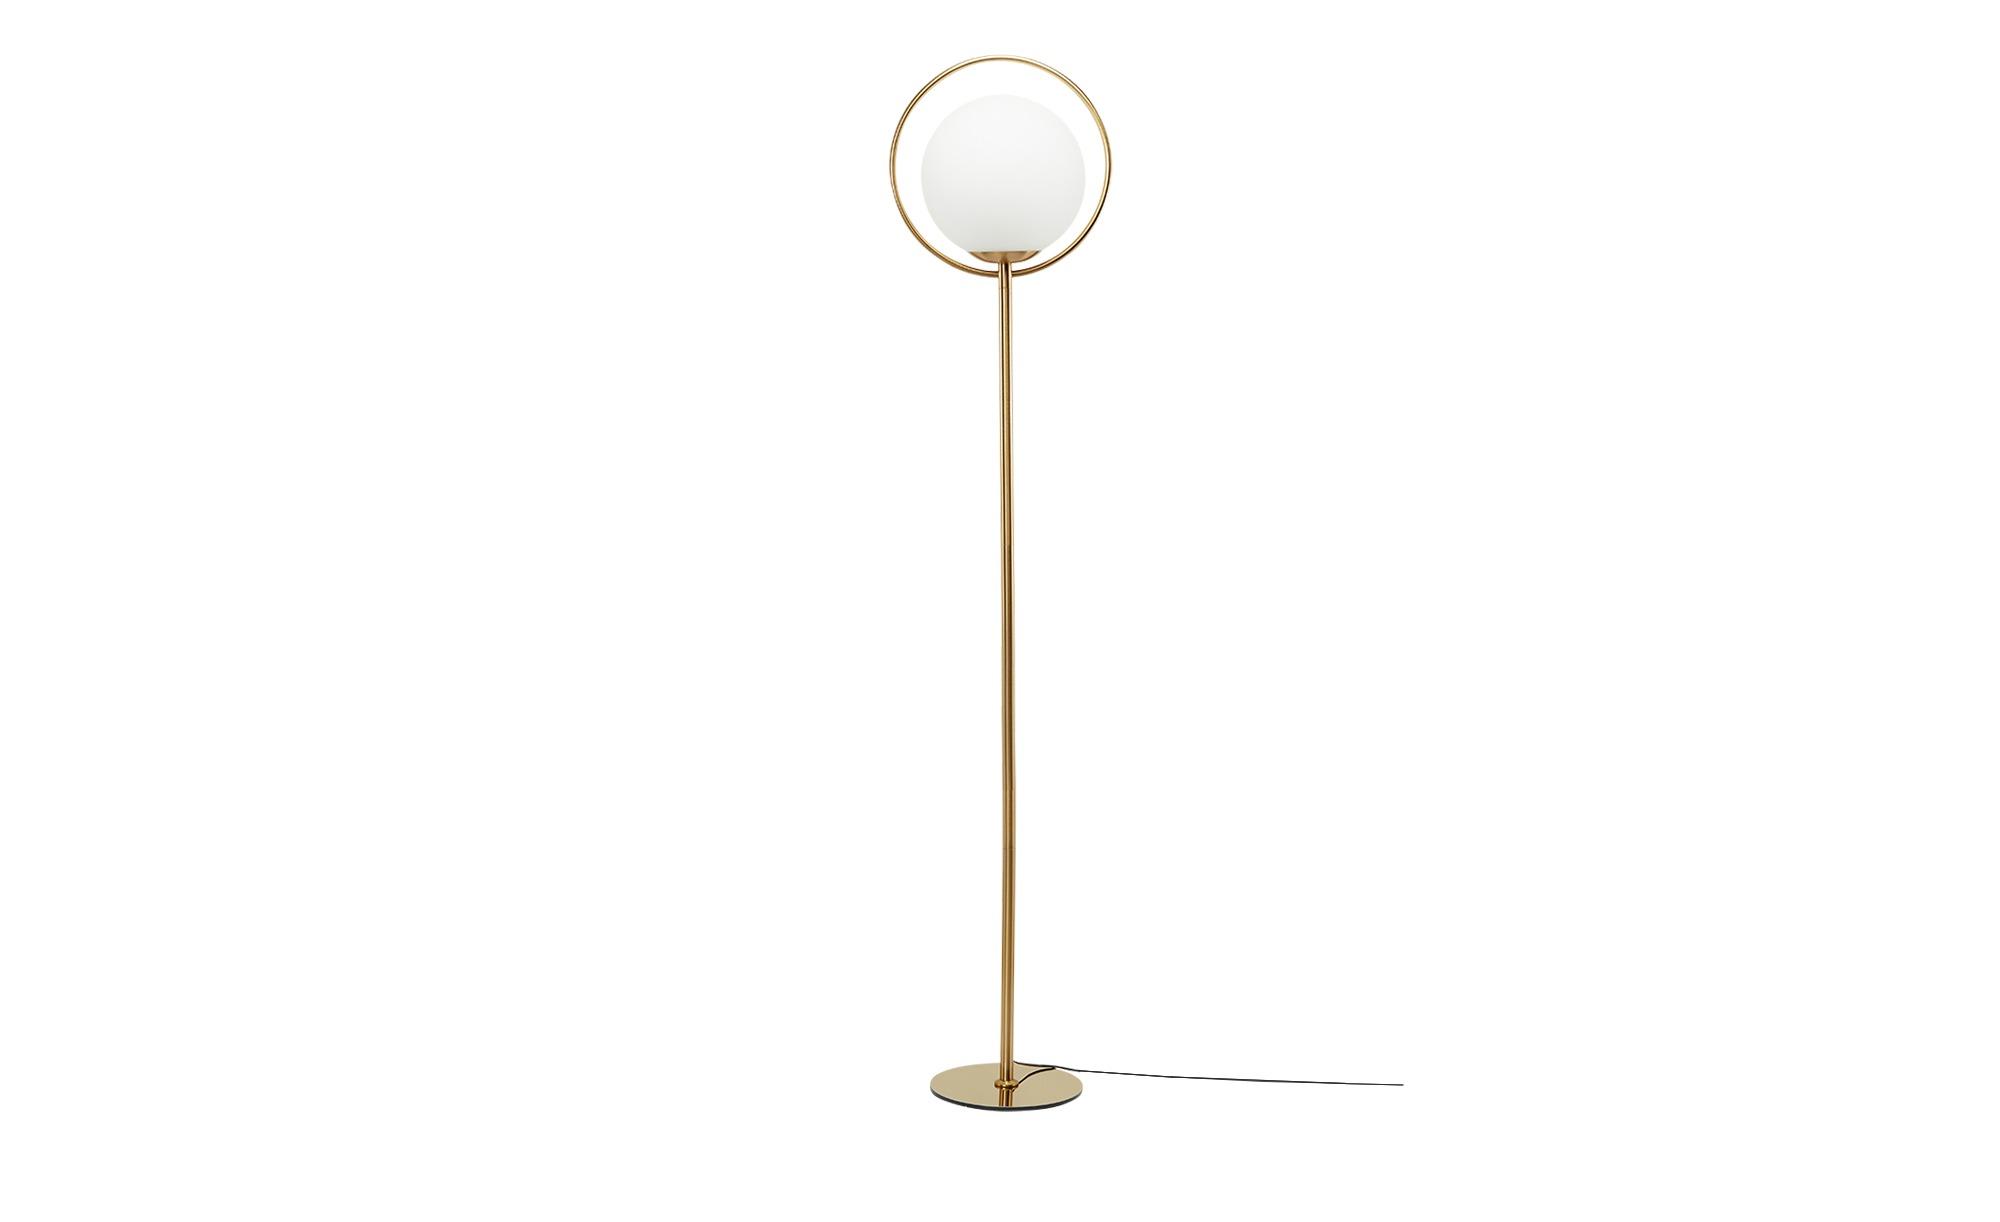 KHG Stehleuchte, 1-flammig, altmessing ¦ gold ¦ Maße (cm): B: 23 H: 168 Lampen & Leuchten > Innenleuchten > Stehlampen - Höffner